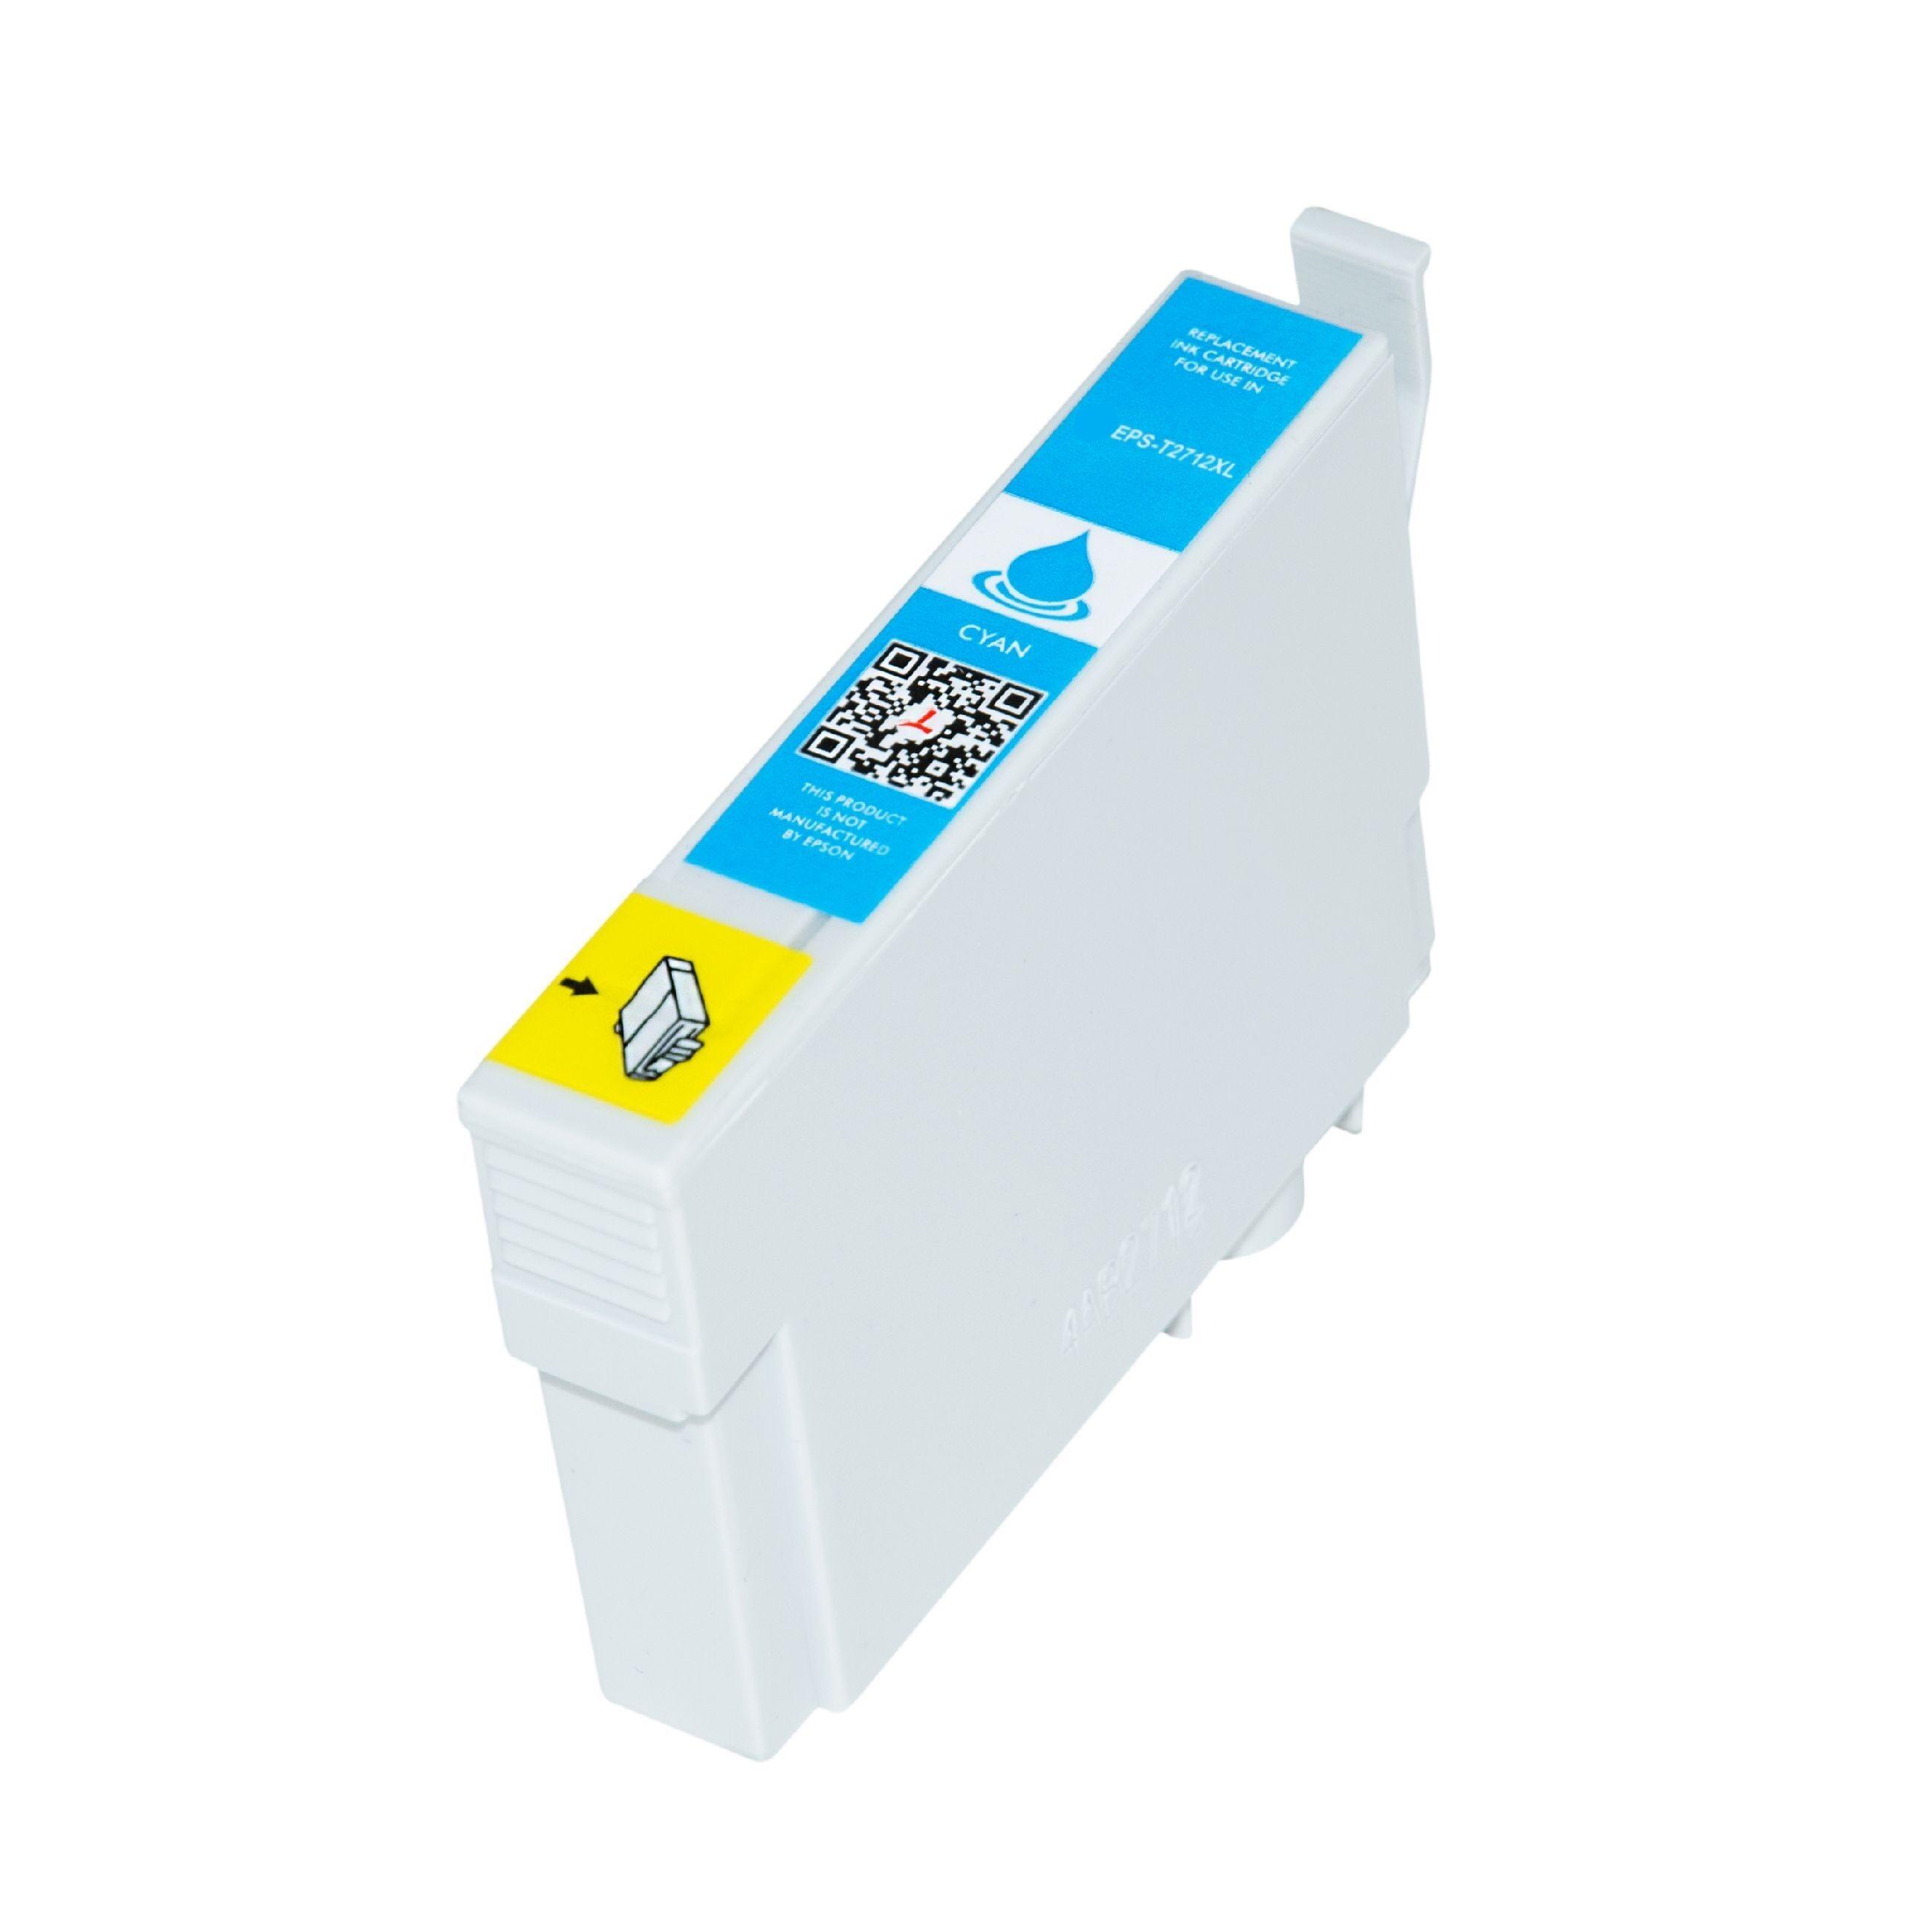 Epson Cartouche d'encre pour Epson C13T27124010 / 27XL cyan compatible (de marque ASC)